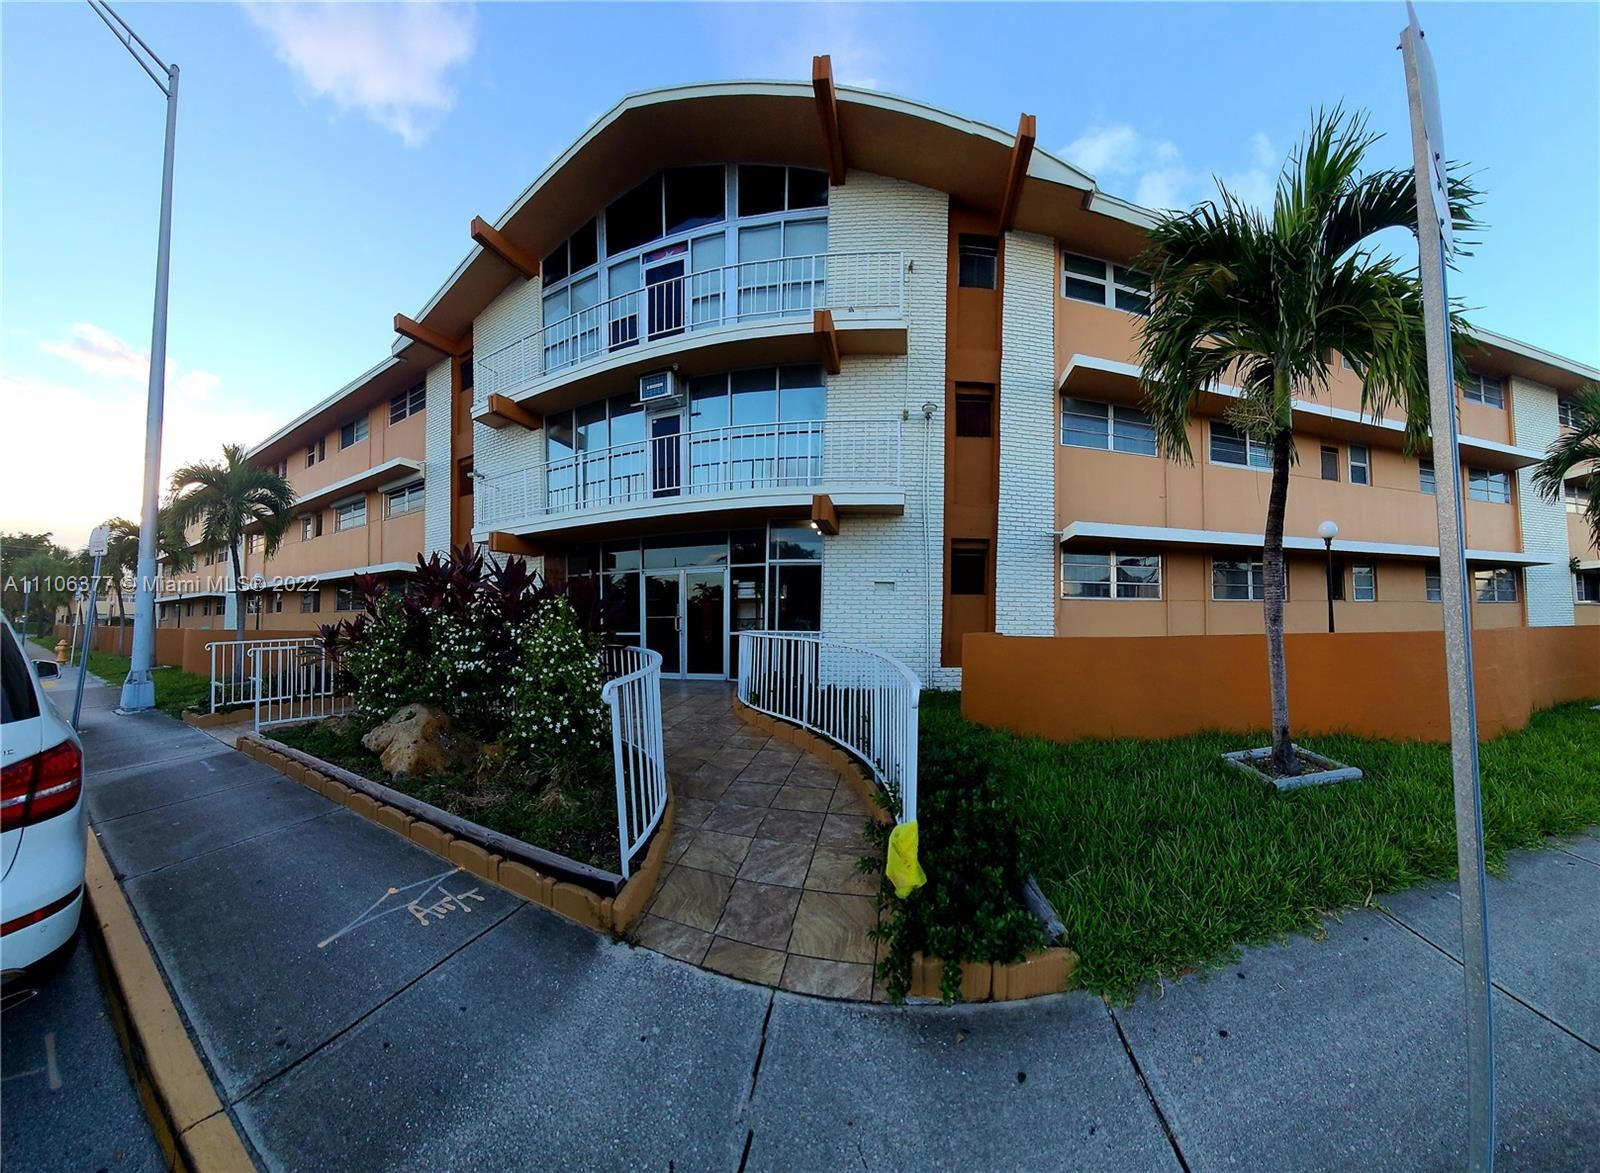 3881 Flagler St #117, Miami, FL 33134 - #: A11106377